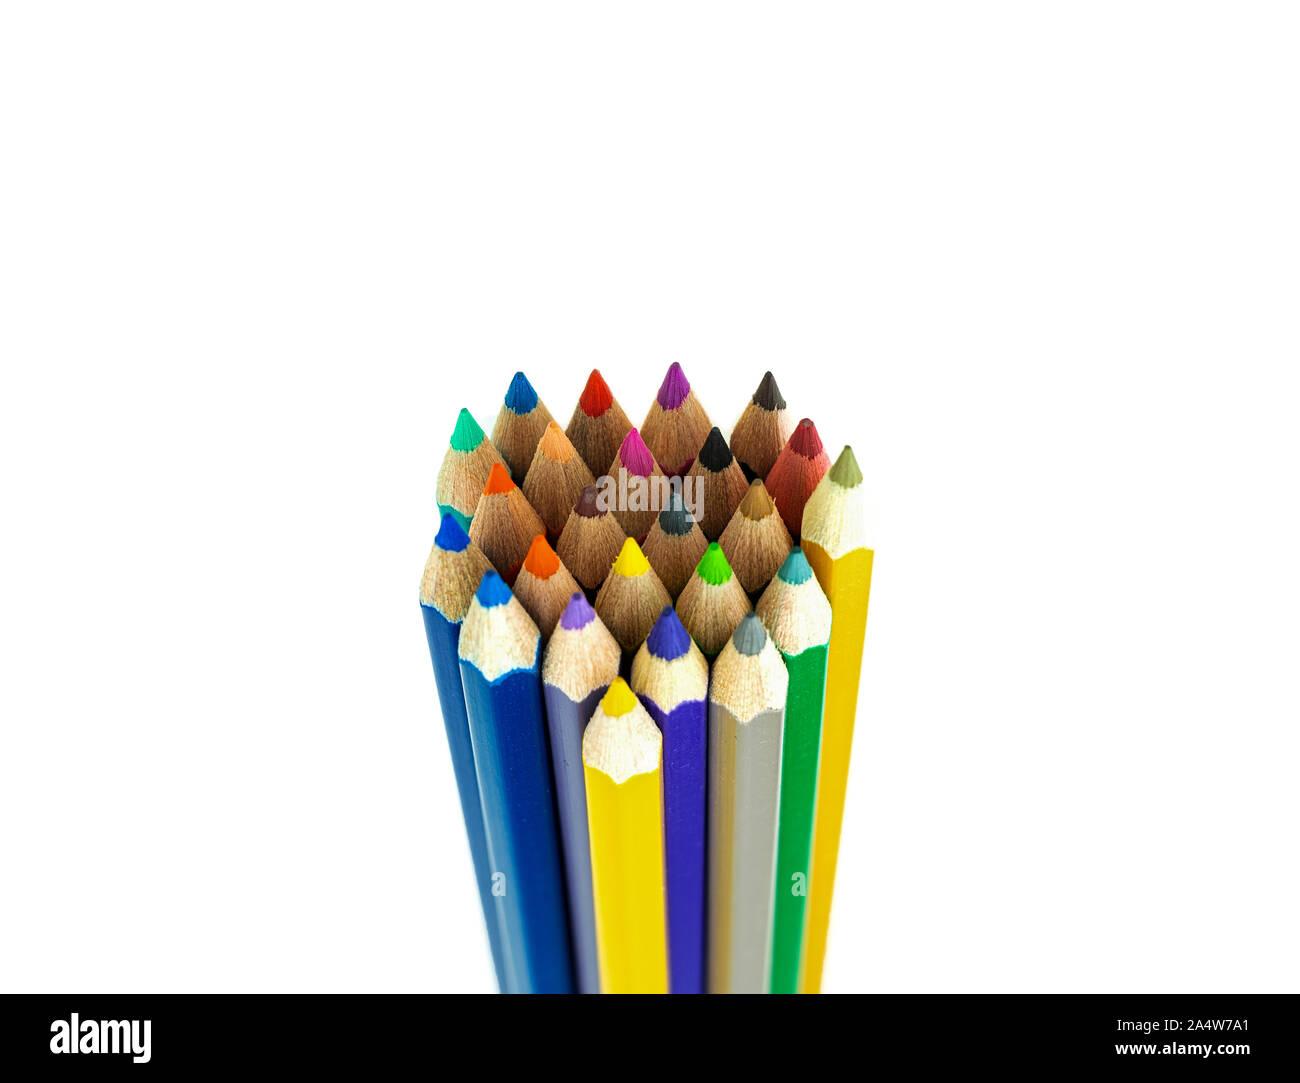 Palos de Pastel Arte Juego de Pasteles al /óleo Redondos Lavables para ni/ños Grafiti Pastel al /óleo crayones Pintura Profesional Artistas, CAILO Juego de Pasteles al /óleo Dibujo Suave